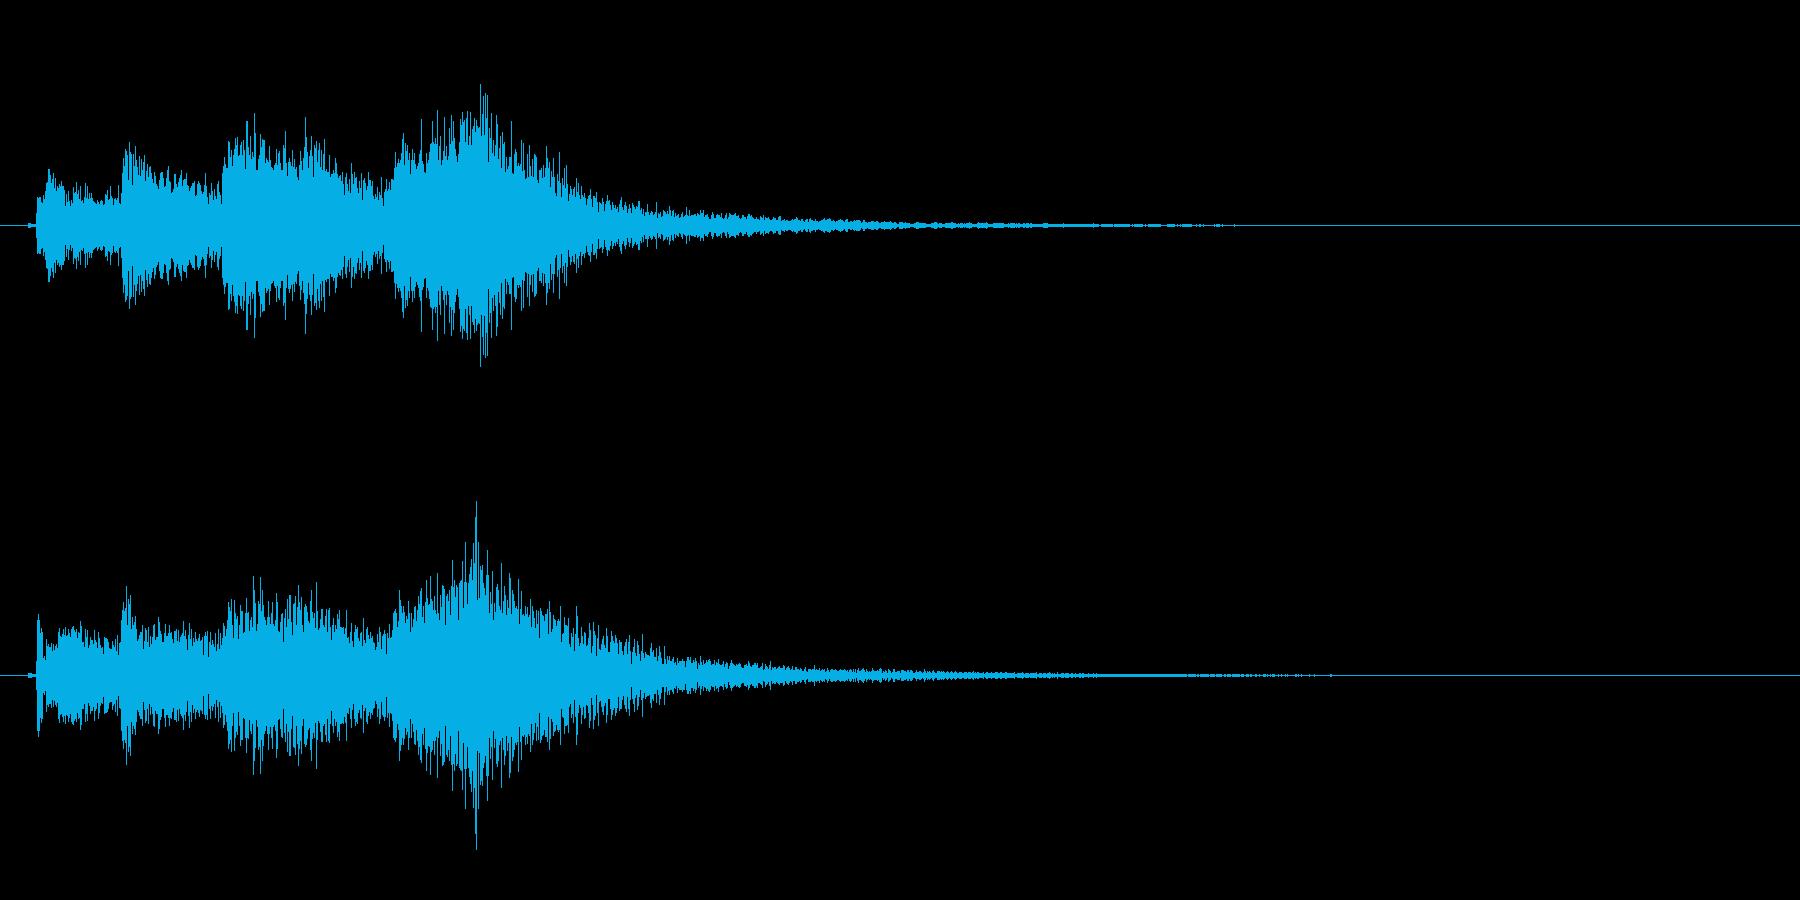 琴のフレーズ3☆調律2☆リバーブ有の再生済みの波形